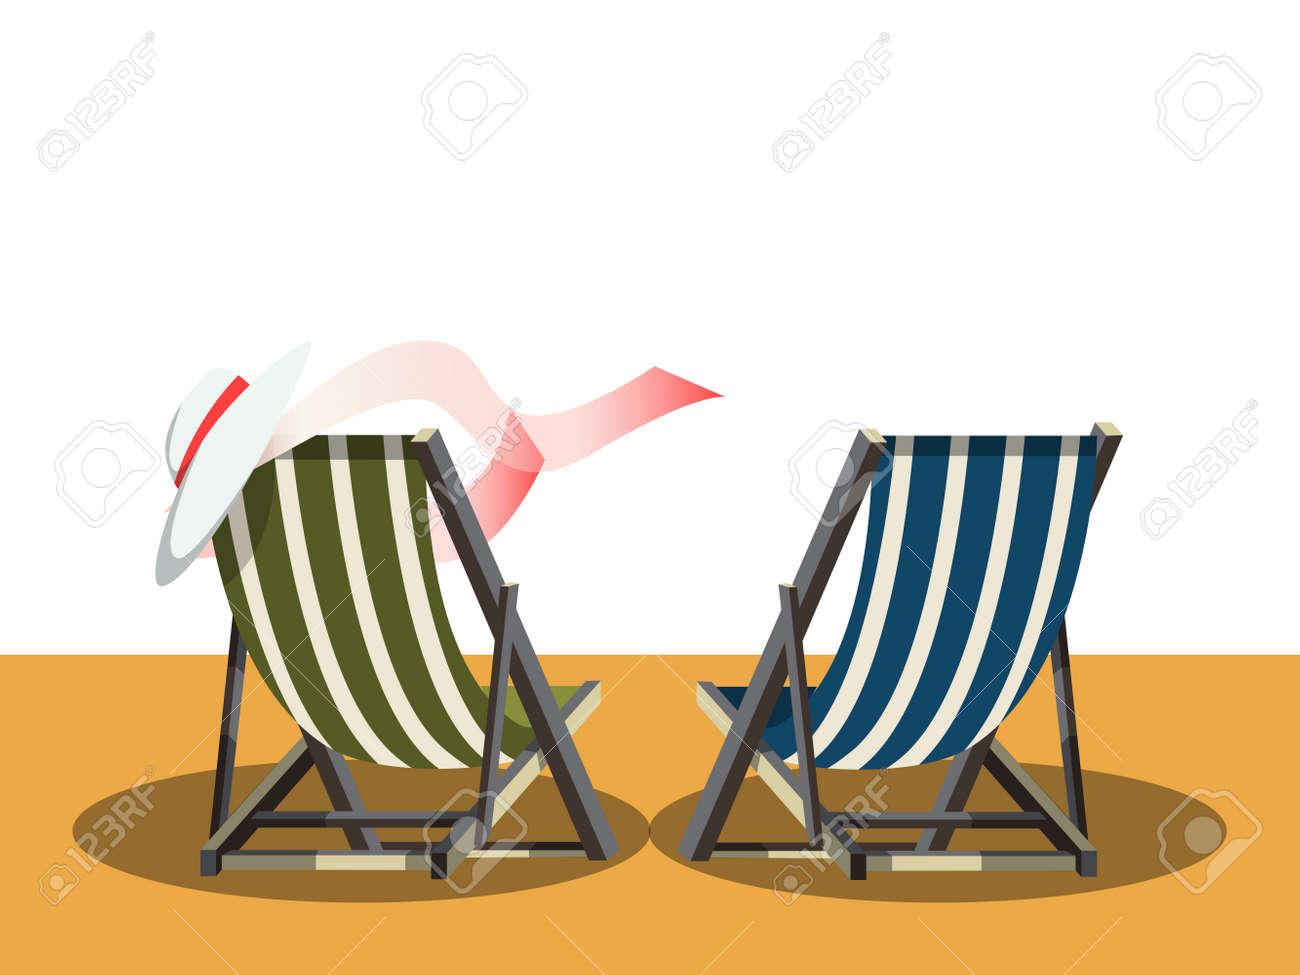 Sillas De Cubierta En La Playa Ilustracion De Dibujos Animados De